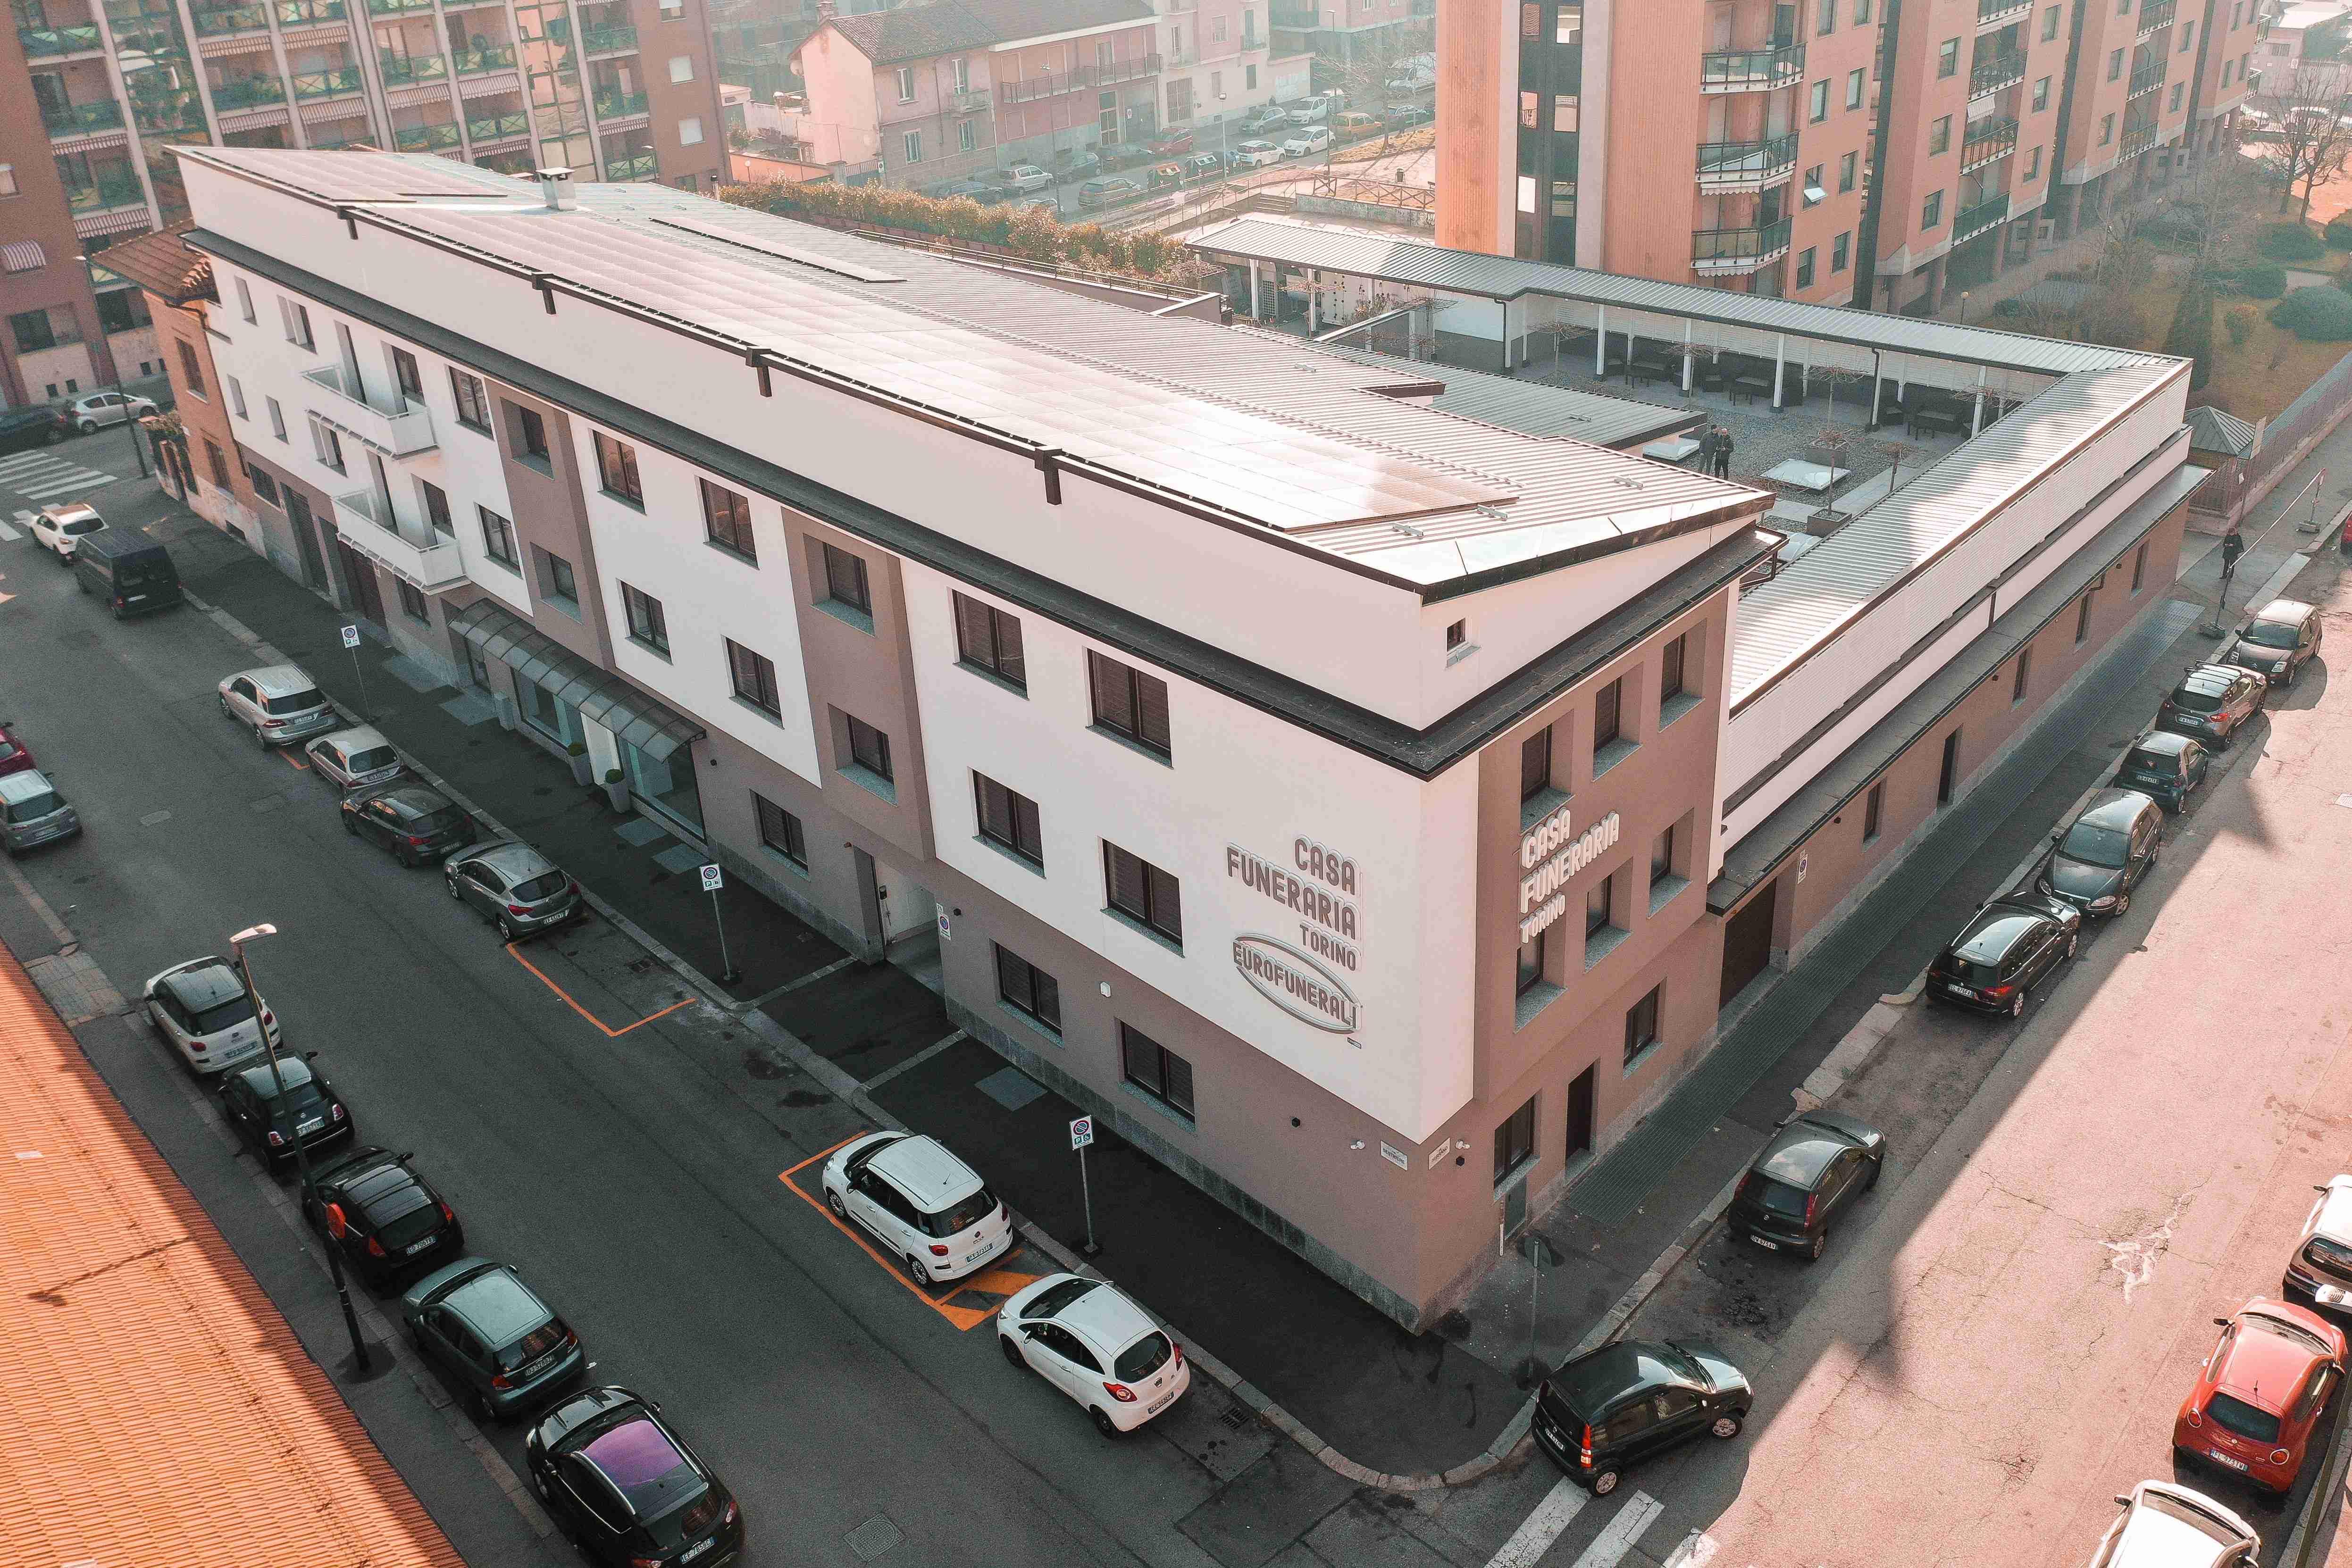 Casa Funeraria Torino